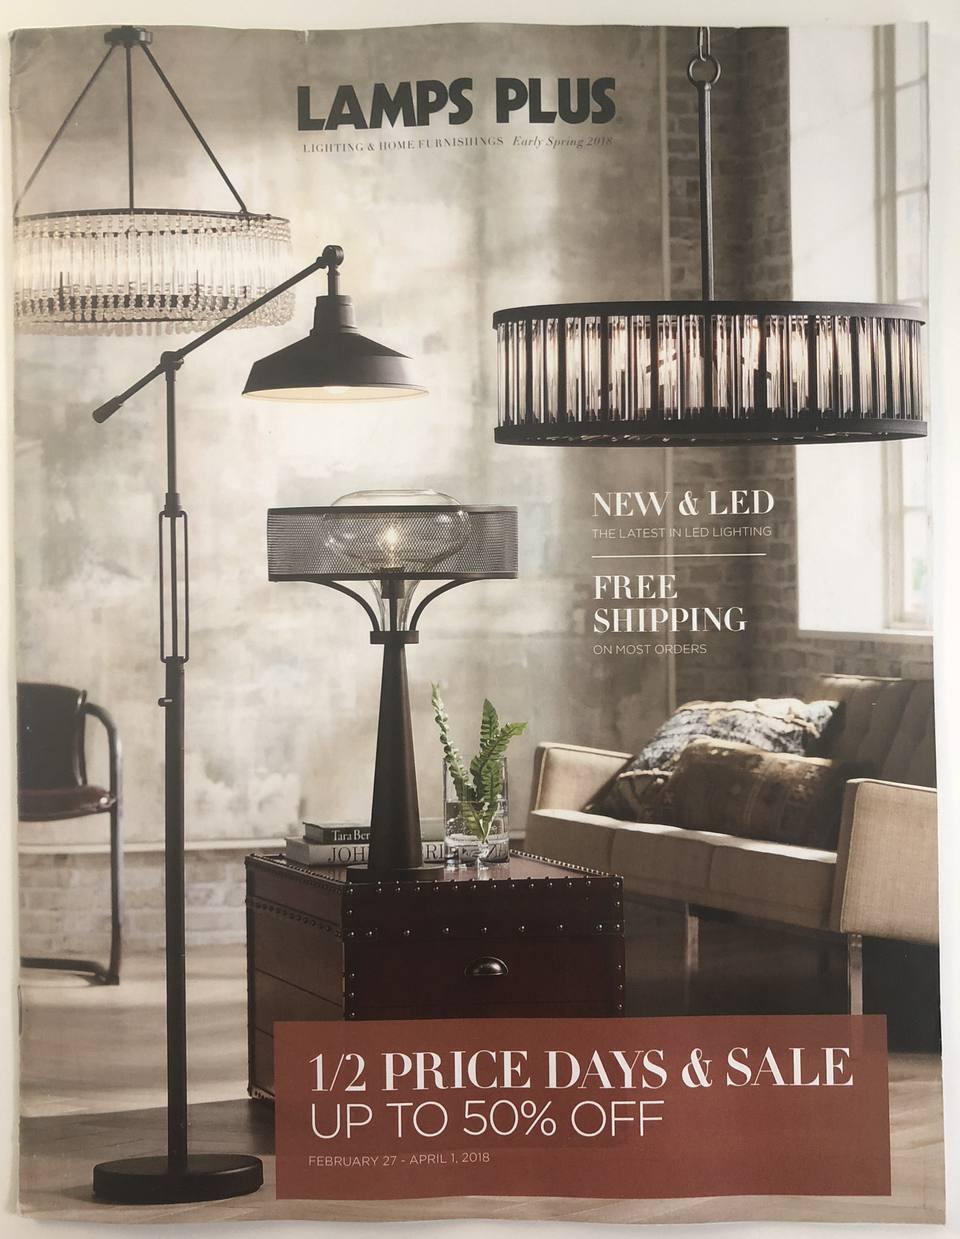 catalogs decor lamps mail upscale